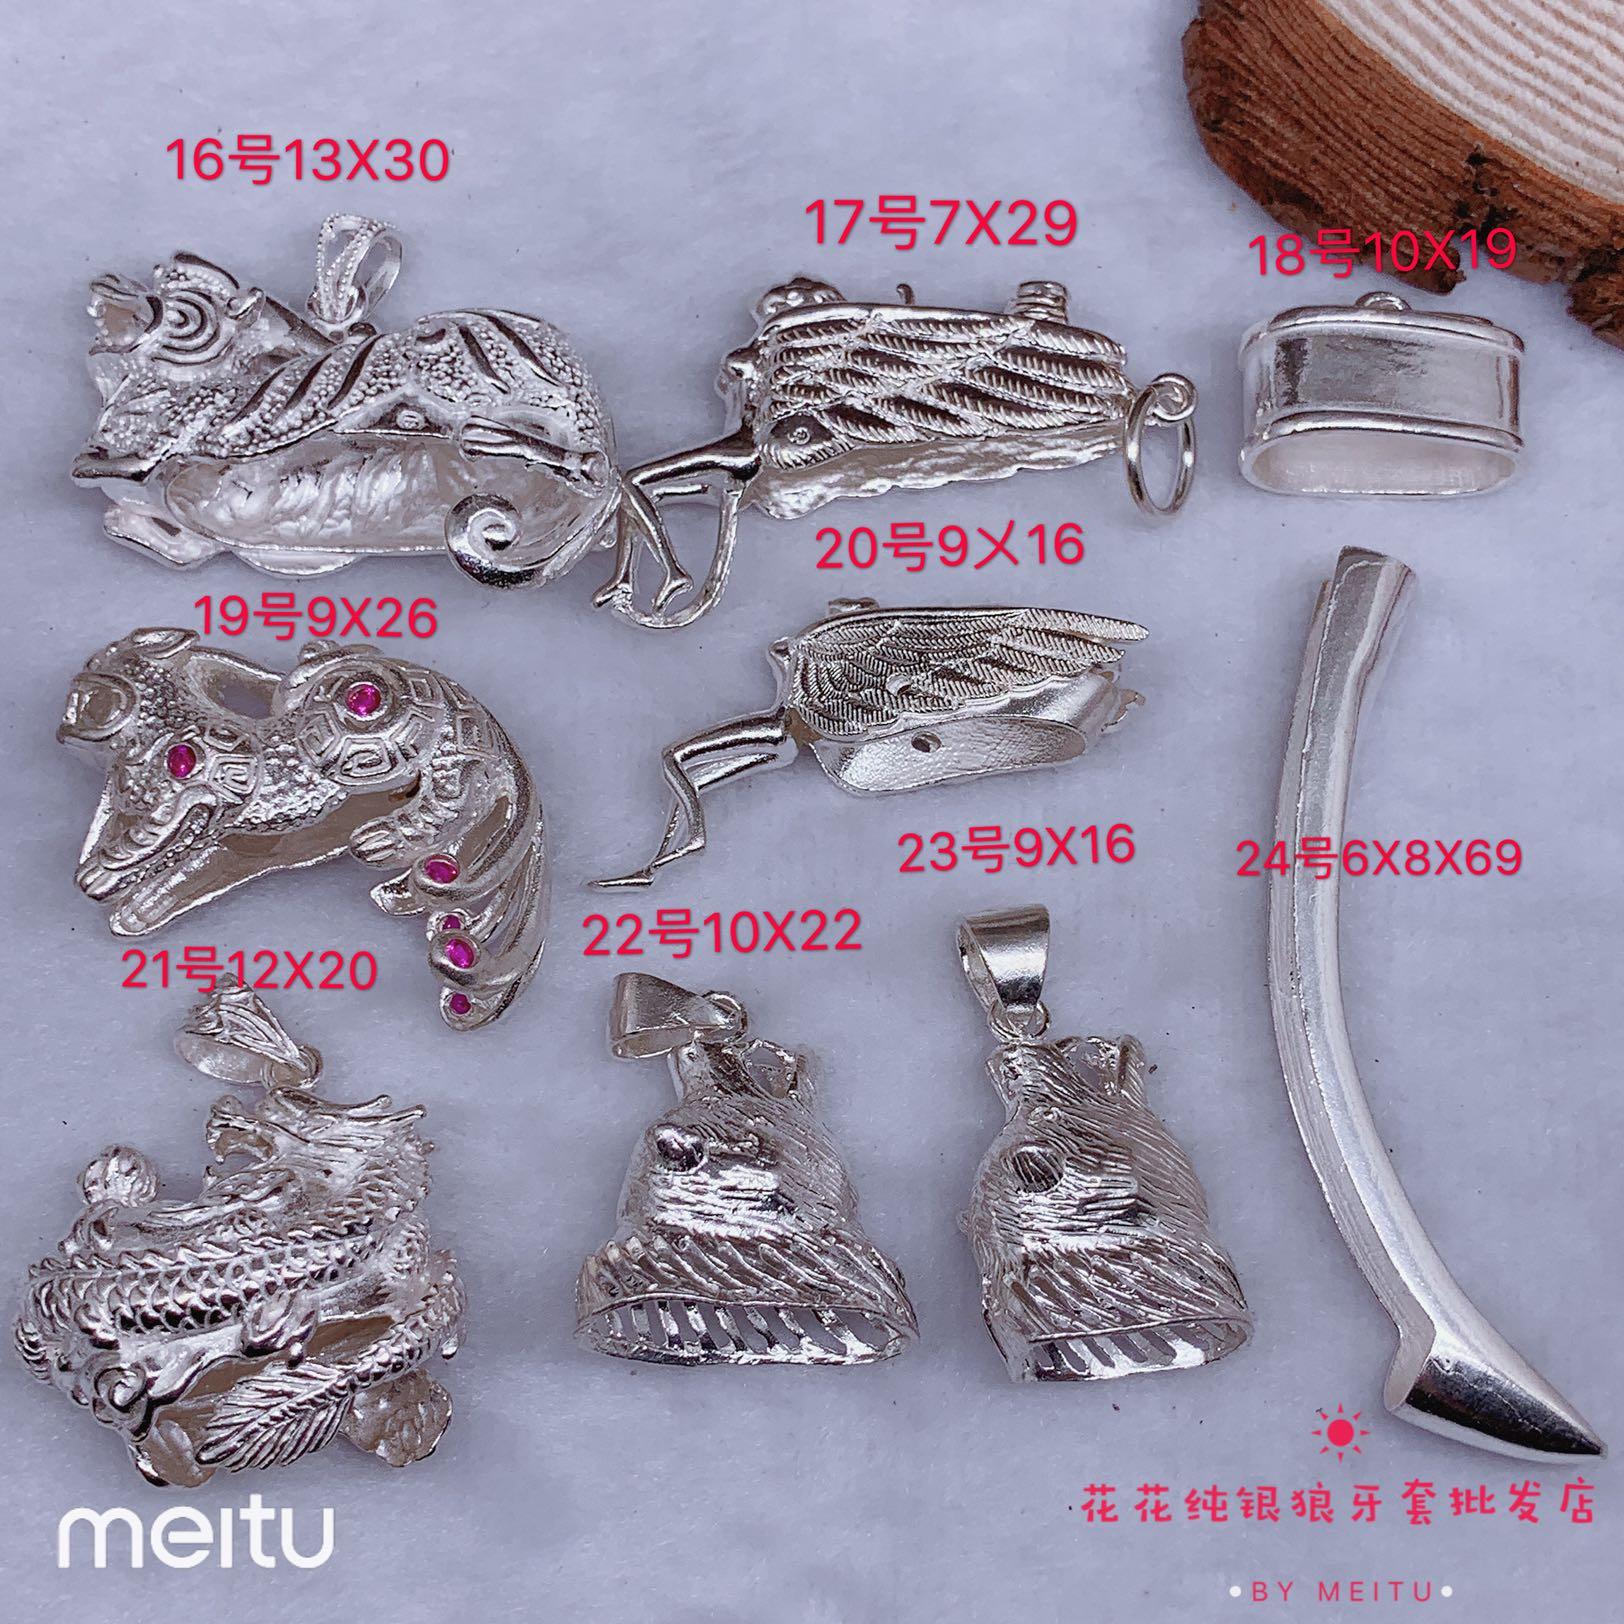 纯银虎爪熊钩子熊爪子包银鹰爪虎钩镶嵌吊坠防裂保护套银饰配件